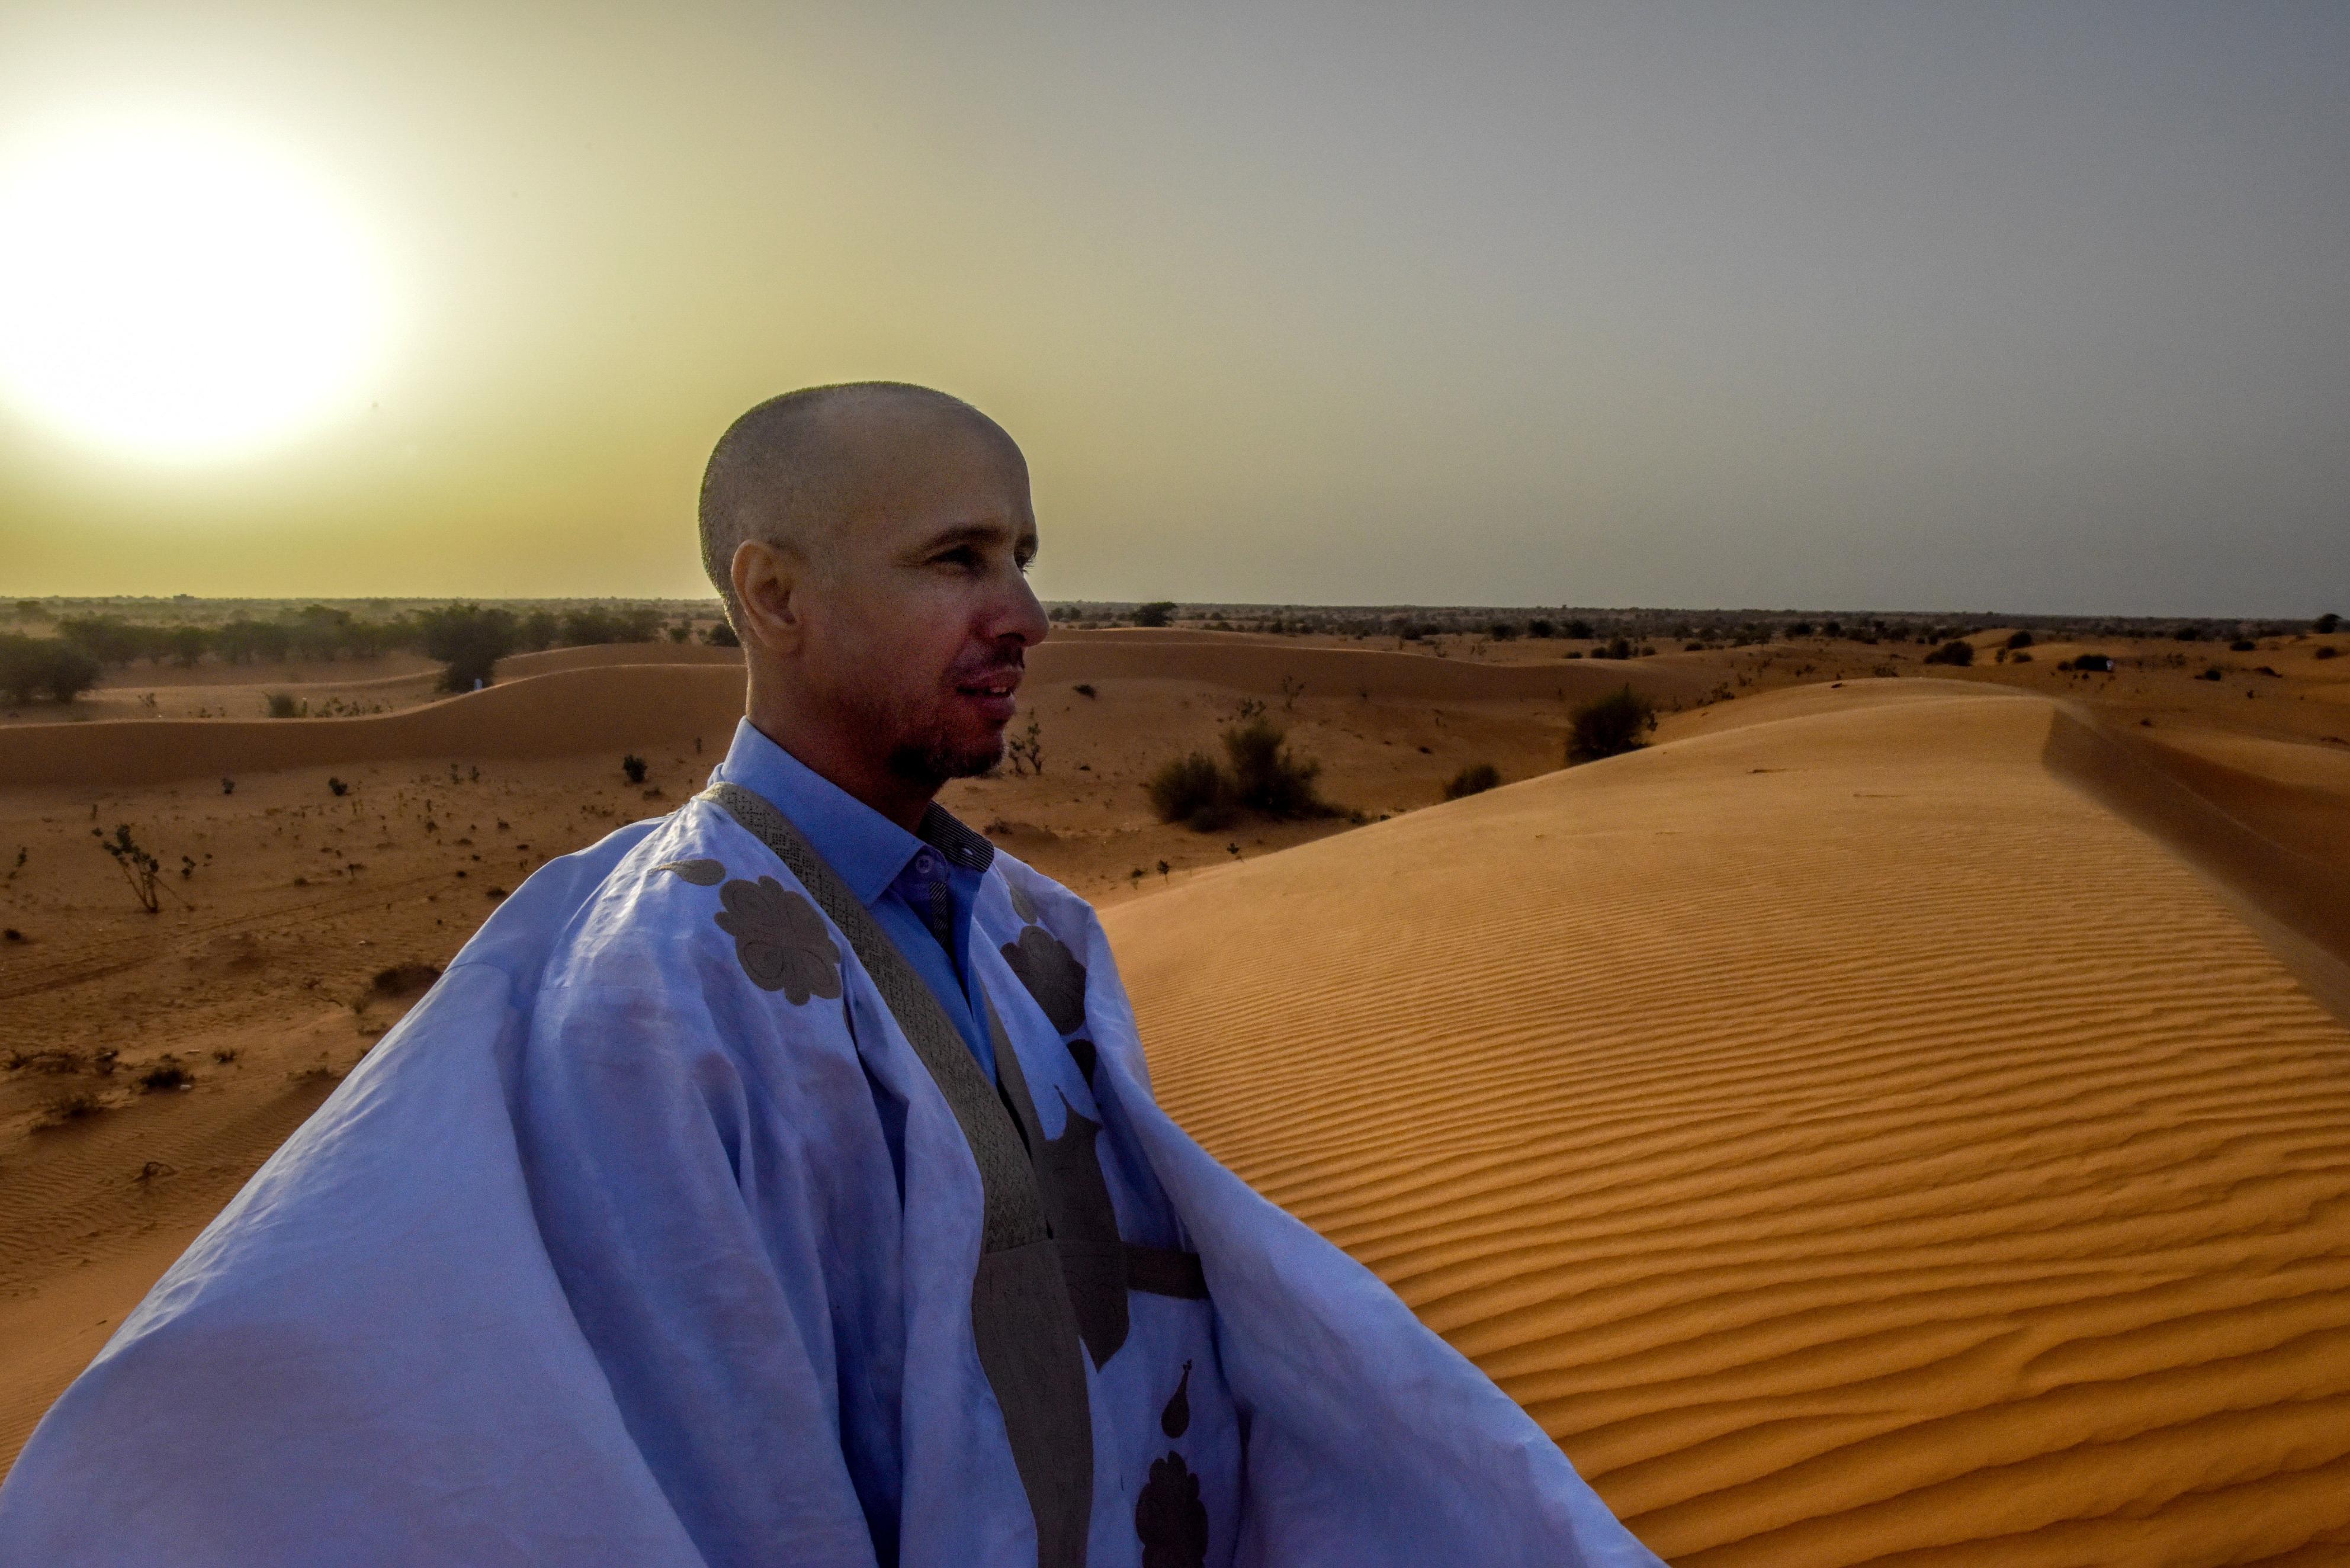 モーリタニアの首都ヌアクショット郊外の砂丘で、夕日を背にたたずむモハメドゥ・スラヒ。砂漠に座り、思いにふける平和な時間が好きだという(撮影・中野智明、共同)